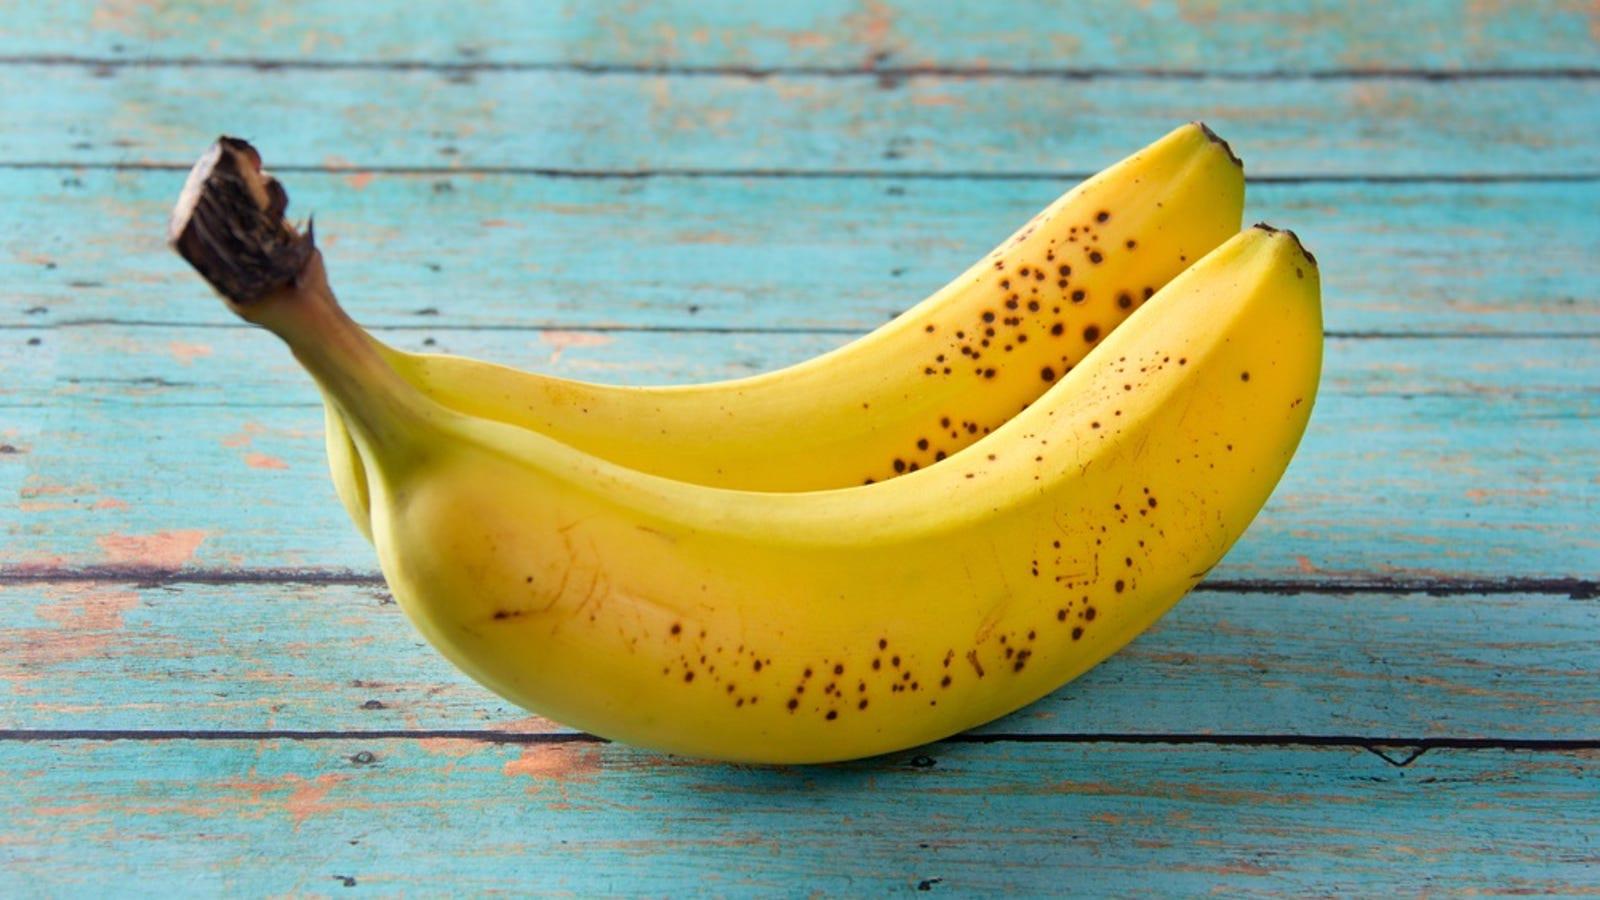 Cómo la cáscara de banana puede ayudar a detectar y curar un melanoma